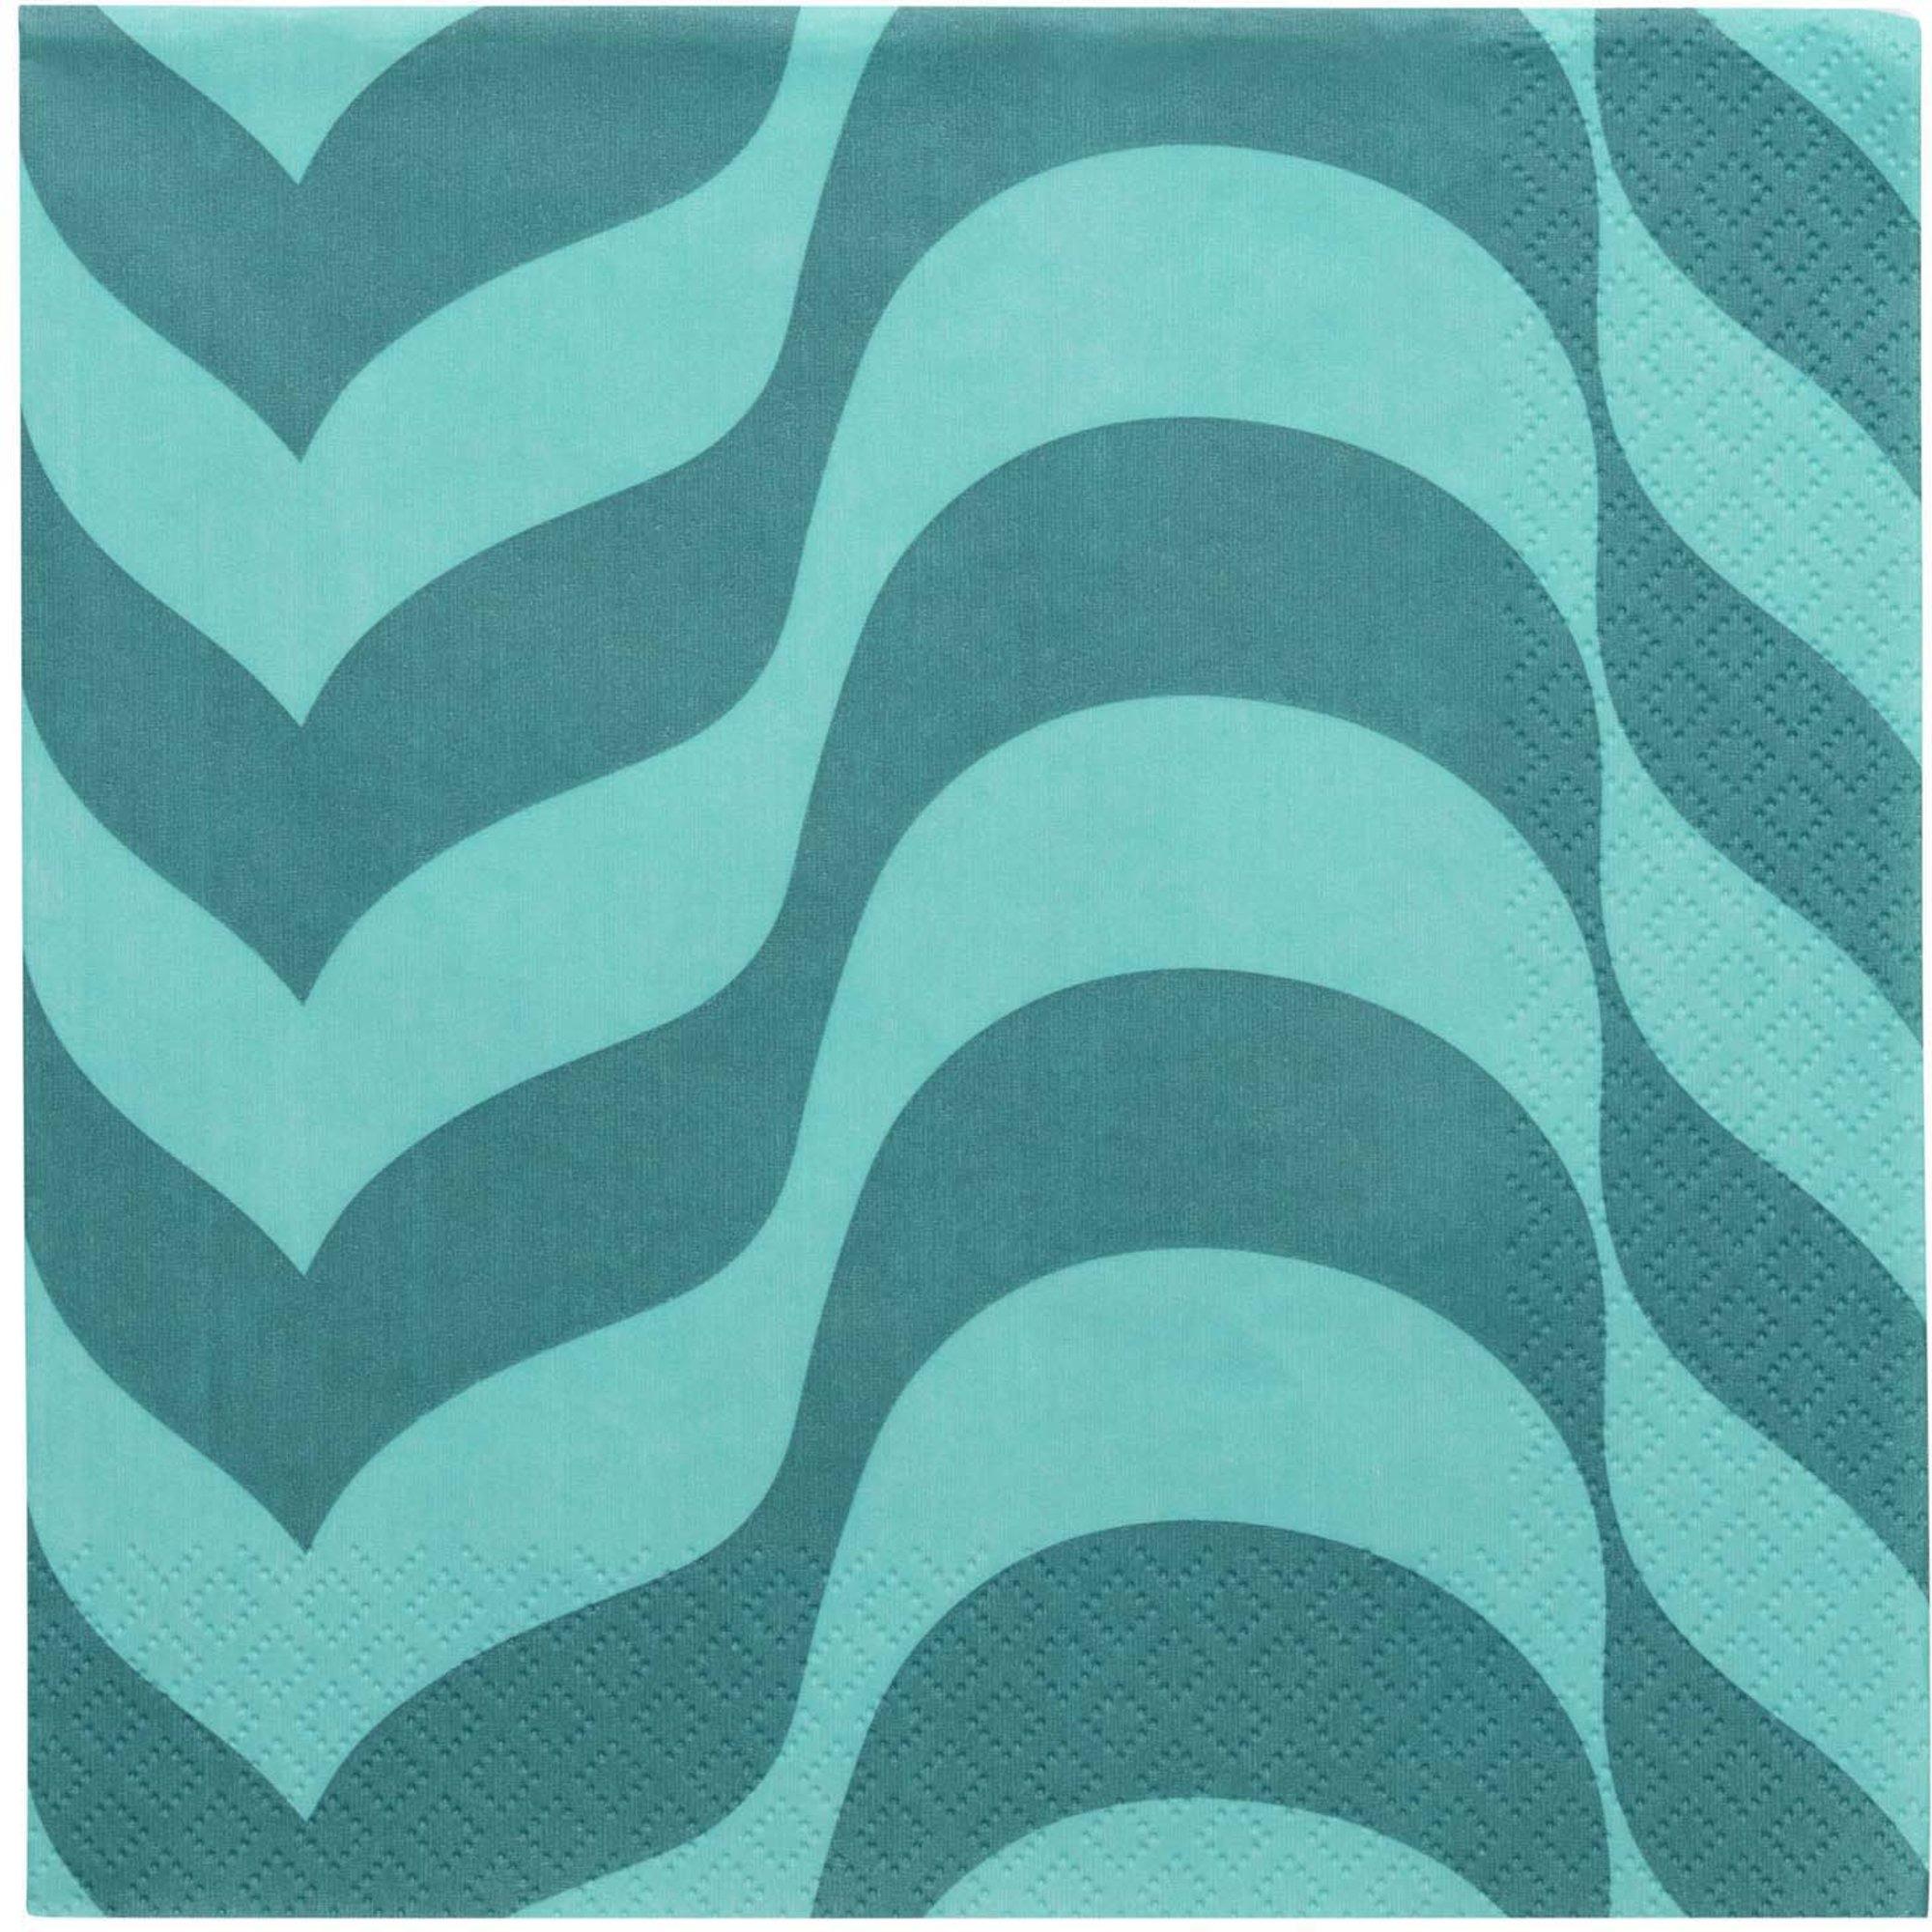 Iittala Aalto servett 33×33 cm havsblå